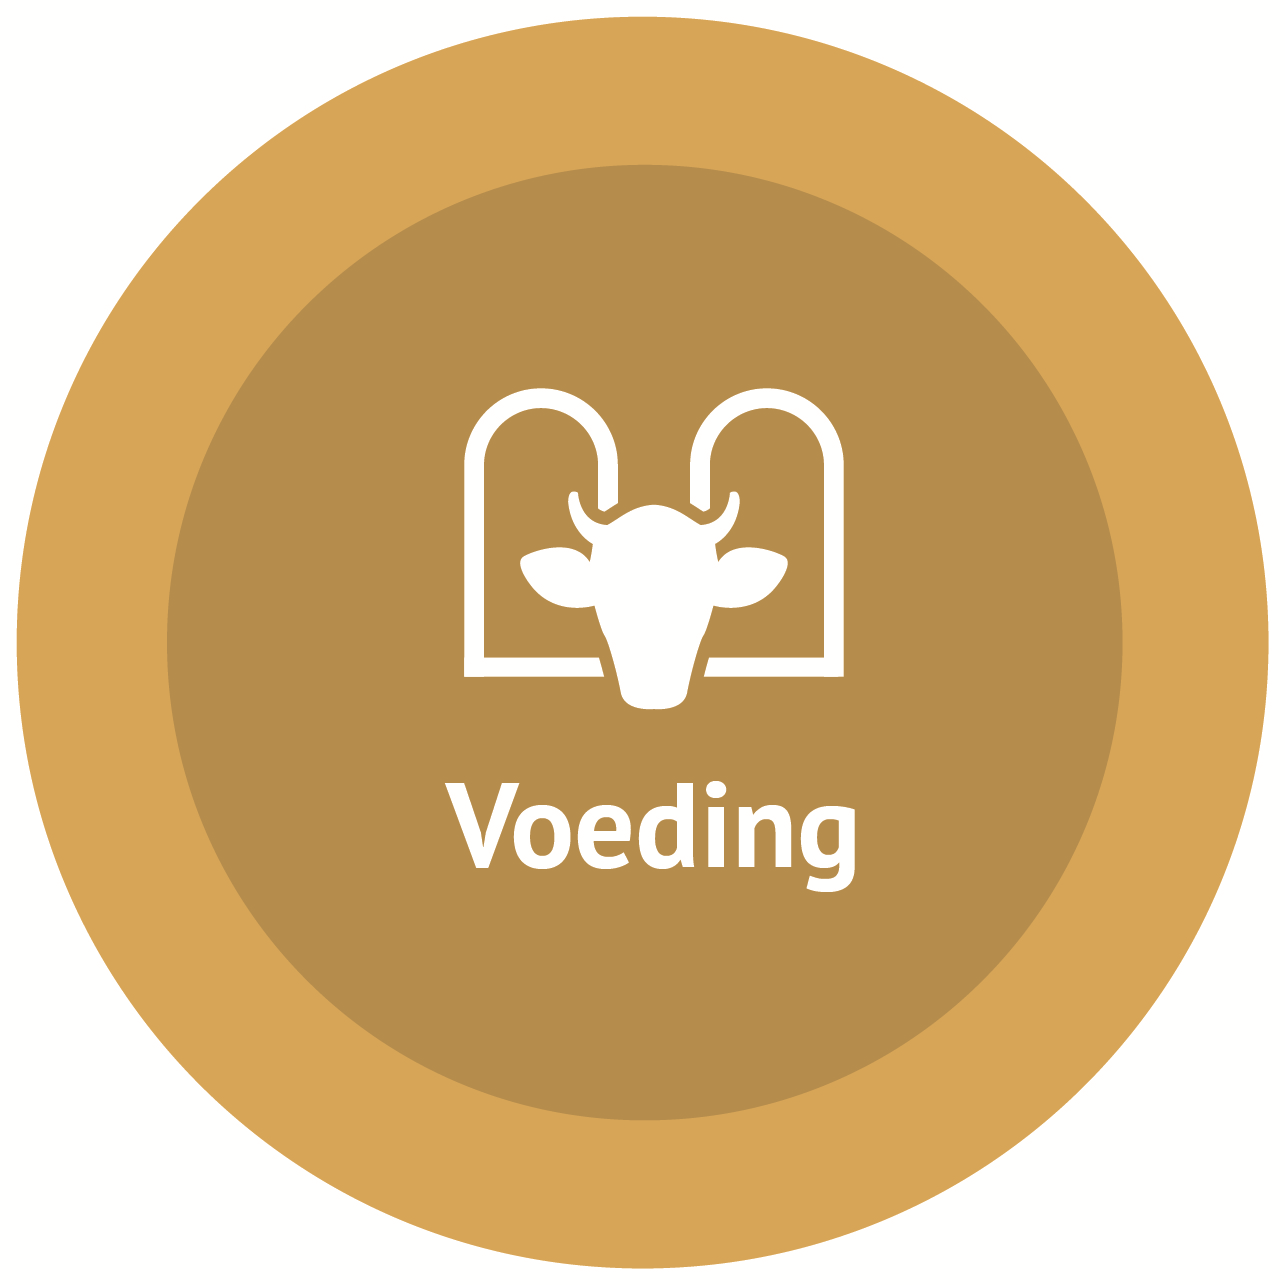 Voeding